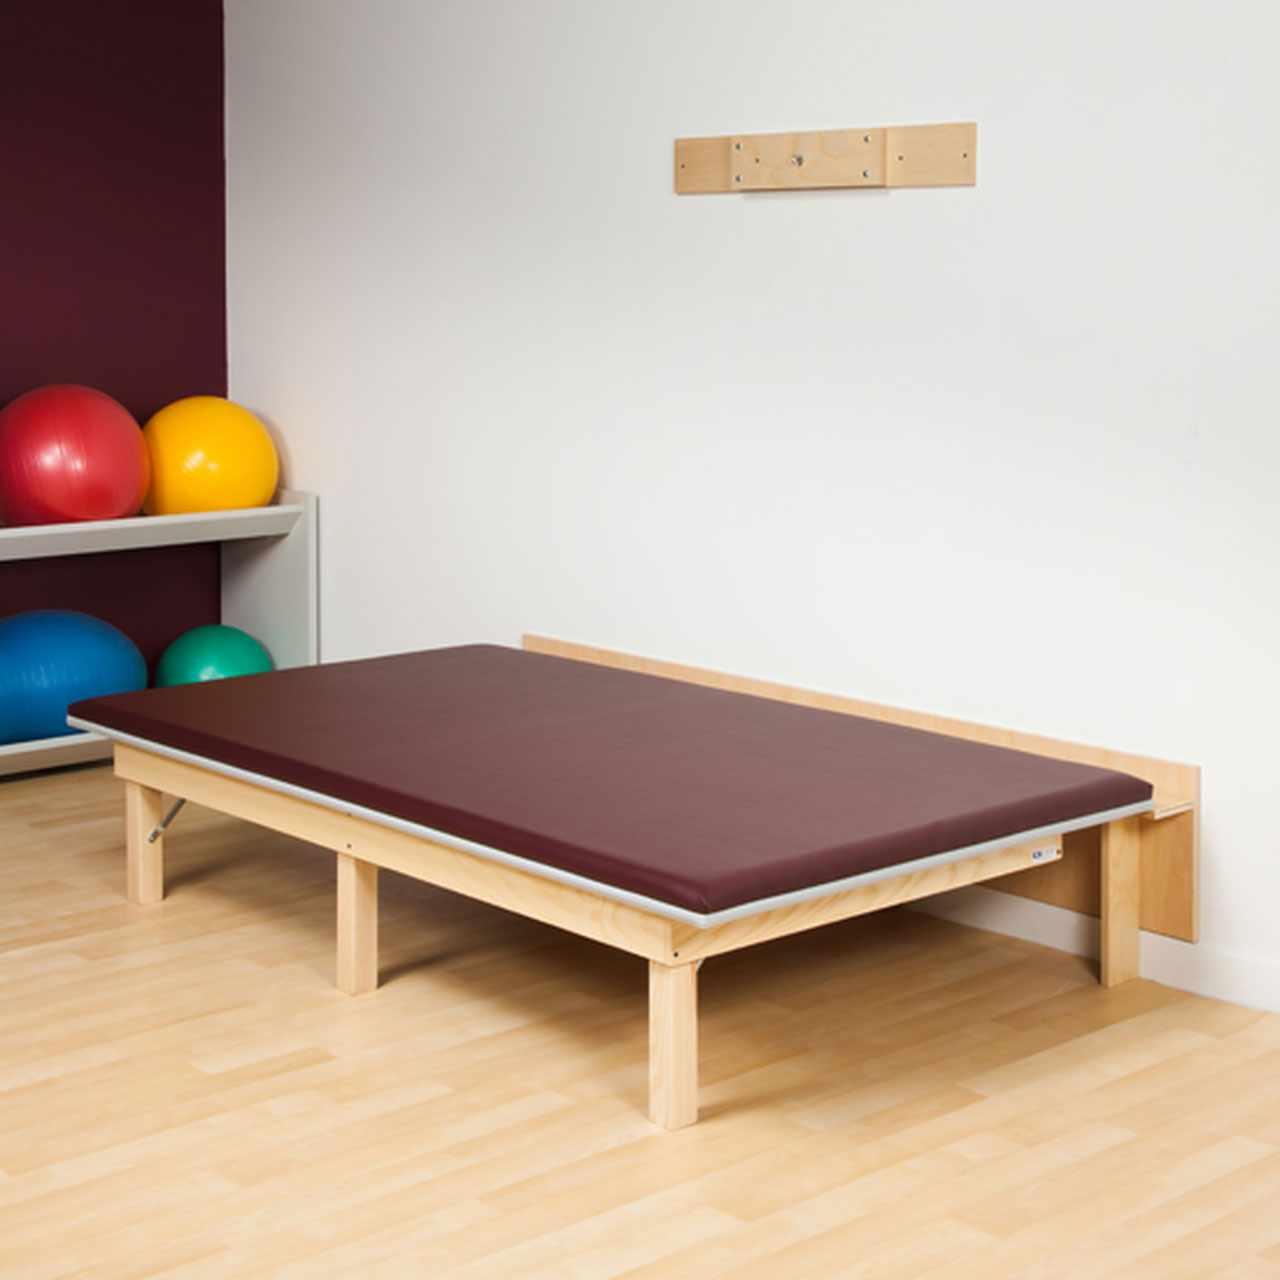 Clinton space saving, folding mat platform